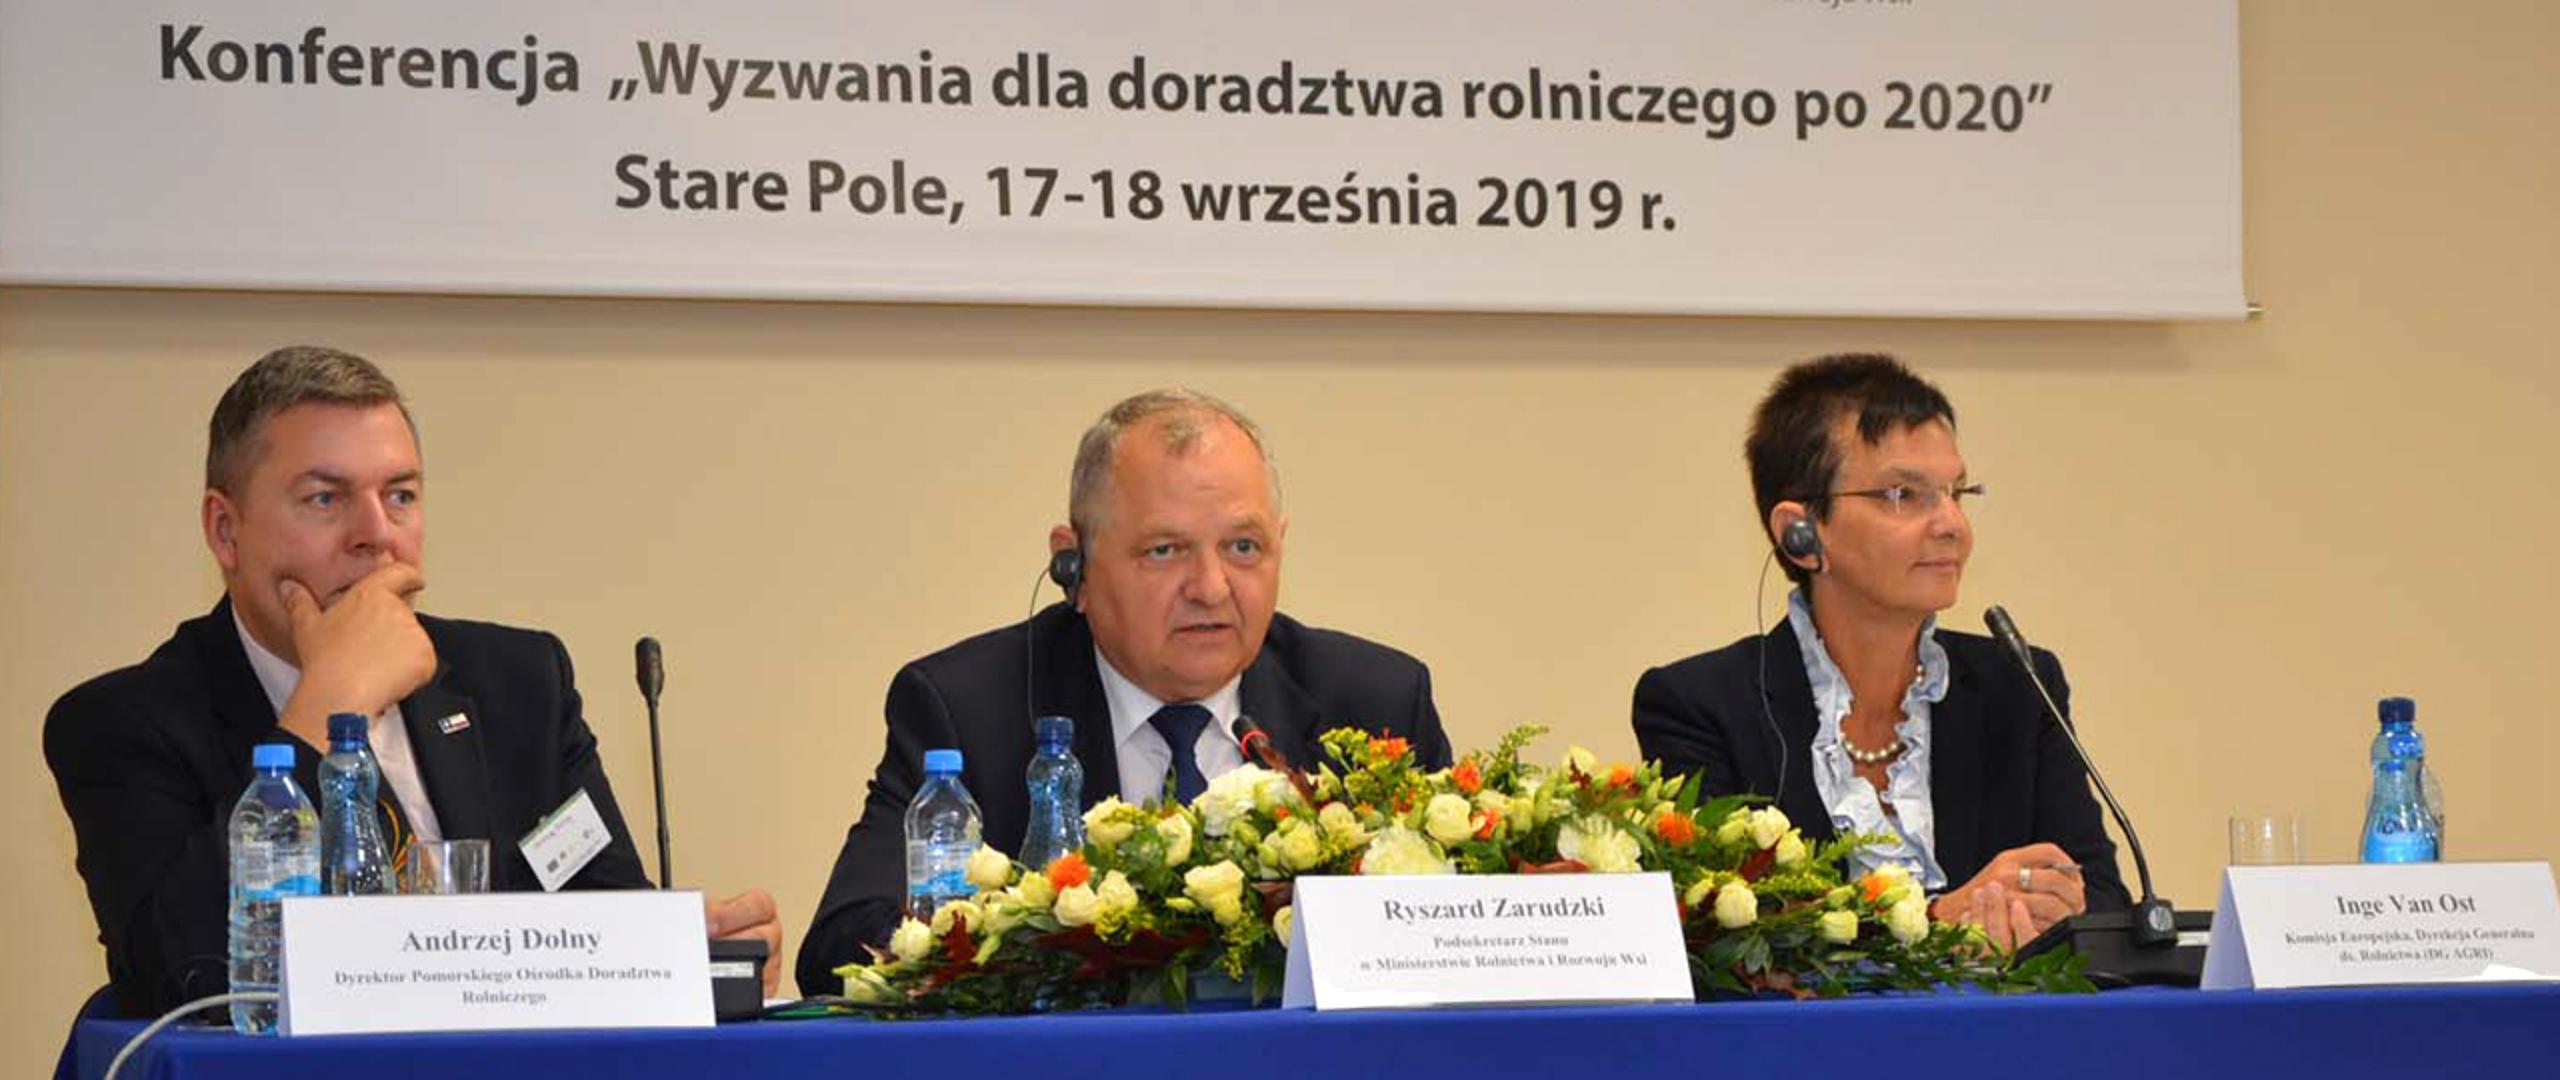 Wyzwania dla doradztwa rolniczego po 2020 roku